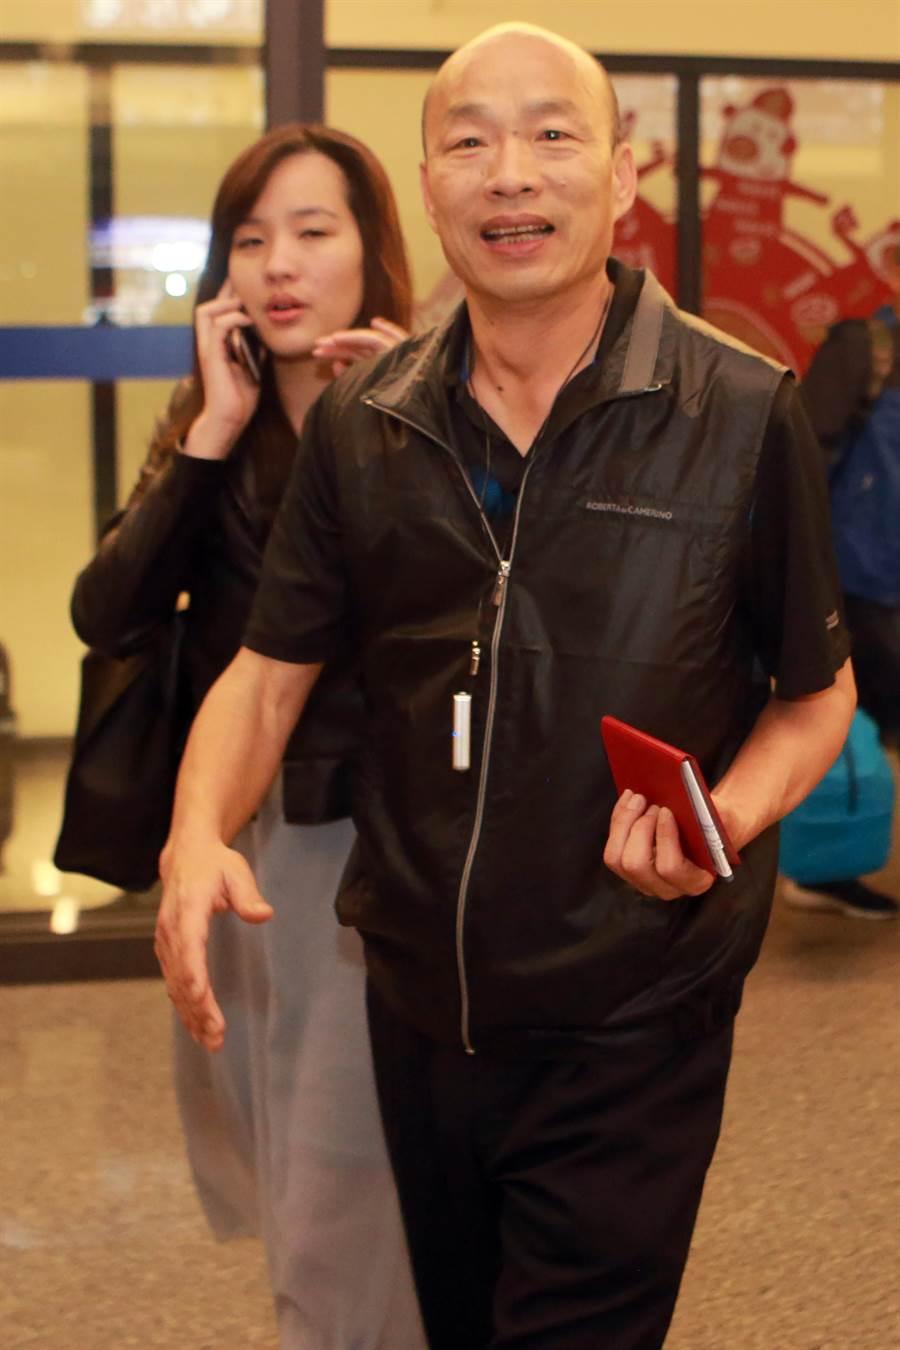 高雄市長韓國瑜結束休假行程,於今天晚間返台,他表示,這幾天利用自己的假期、陪著家人出國放鬆一下,感覺體力比較恢復;對於部分人的酸言酸語,他認為「的確很無聊」。(陳麒全攝